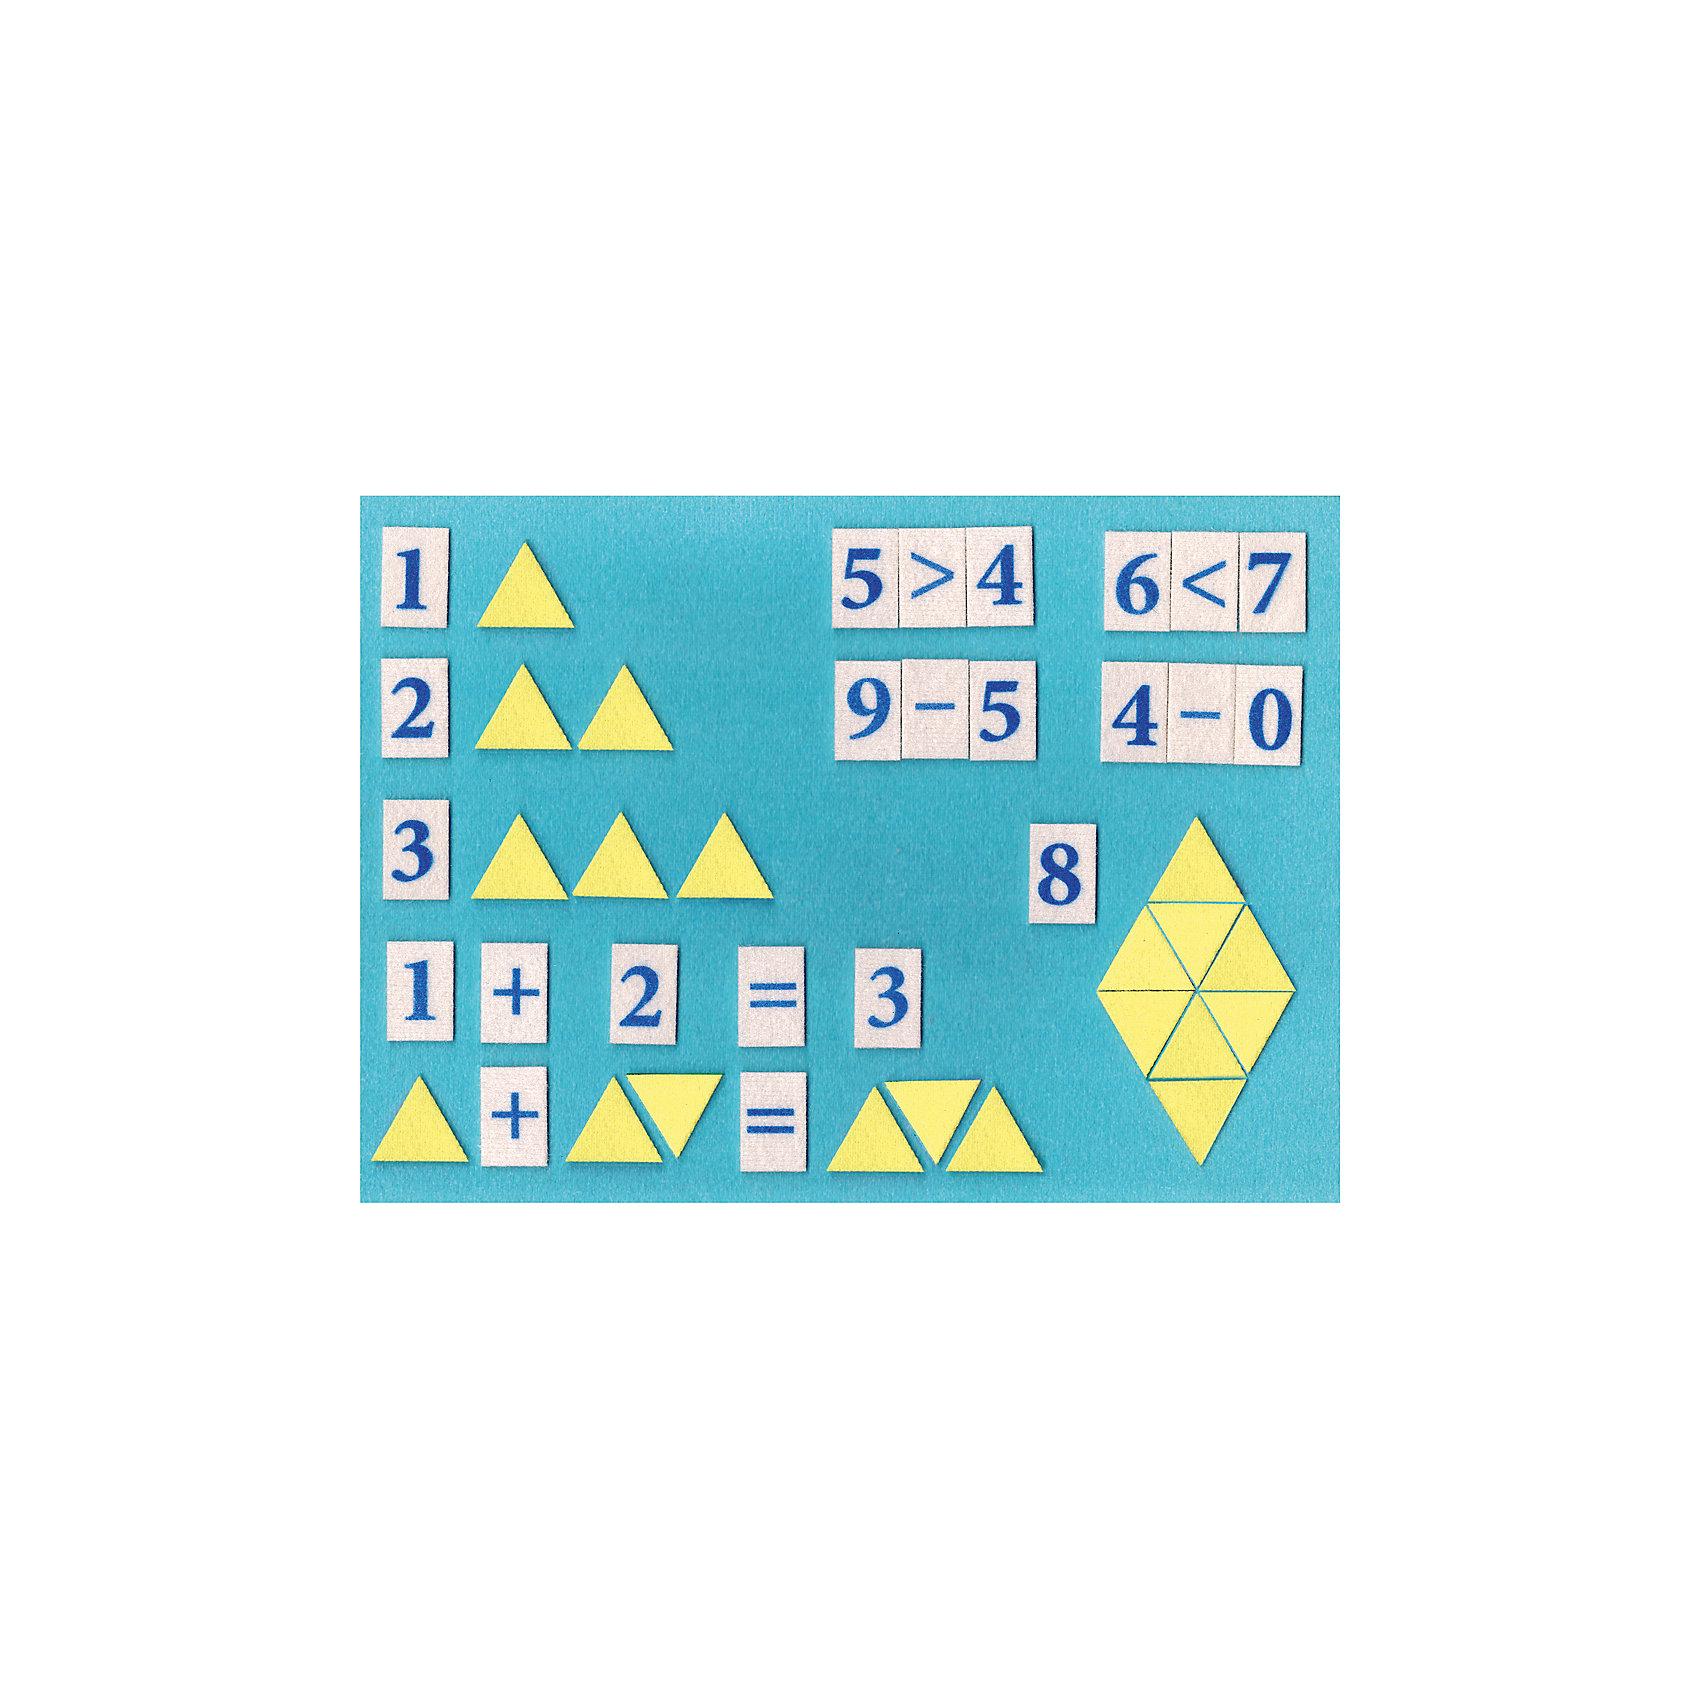 Игра на липучках Математическая мозаика однотонная, StigisМозаика<br>Стигисы Математическая мозаика однотонная, Стигис от компании Стигис ТМ – это новое направление в развивающих игрушках для детей. Стигисы выполнены по инновационной технологии, представляющей собой основное поле и набор из фигурок-аппликаций. Элементы крепятся на поле за счет невидимых и безопасных липучек. Все элементы набора выполнены из качественных материалов, которые устойчивы к деформации и изменению цвета. Комплектация набора включает в экран и набор из цифр, математических знаков и геометрических фигур.<br>Стигисы Математическая мозаика однотонная способствуют формированию первых математических представлений в легкой игровой форме, знакомит с основными математическими действиями и счетом, развивает логическое мышление, память и внимание. <br><br>Дополнительная информация:<br><br>- Вид игр: сюжетно-ролевые игры, развивающие<br>- Предназначение: для дома, для детских садов, для развивающих центров<br>- Материал: текстиль<br>- Комплектация: экран 30*21 см, 15 цифр, 8 математических знаков, 20 треугольников одного цвета<br>- Размер упаковки (ДхШхВ): 30*21,5*5 см<br>- Вес: 140 г<br>- Особенности ухода: допускается сухая чистка<br><br>Подробнее:<br><br>• Для детей в возрасте: от 3 лет и до 10 лет <br>• Страна производитель: Россия<br>• Торговый бренд: Стигис ТМ<br><br>Стигисы Математическая мозаика однотонная, Стигис можно купить в нашем интернет-магазине.<br><br>Ширина мм: 300<br>Глубина мм: 215<br>Высота мм: 5<br>Вес г: 140<br>Возраст от месяцев: 36<br>Возраст до месяцев: 120<br>Пол: Унисекс<br>Возраст: Детский<br>SKU: 4936350